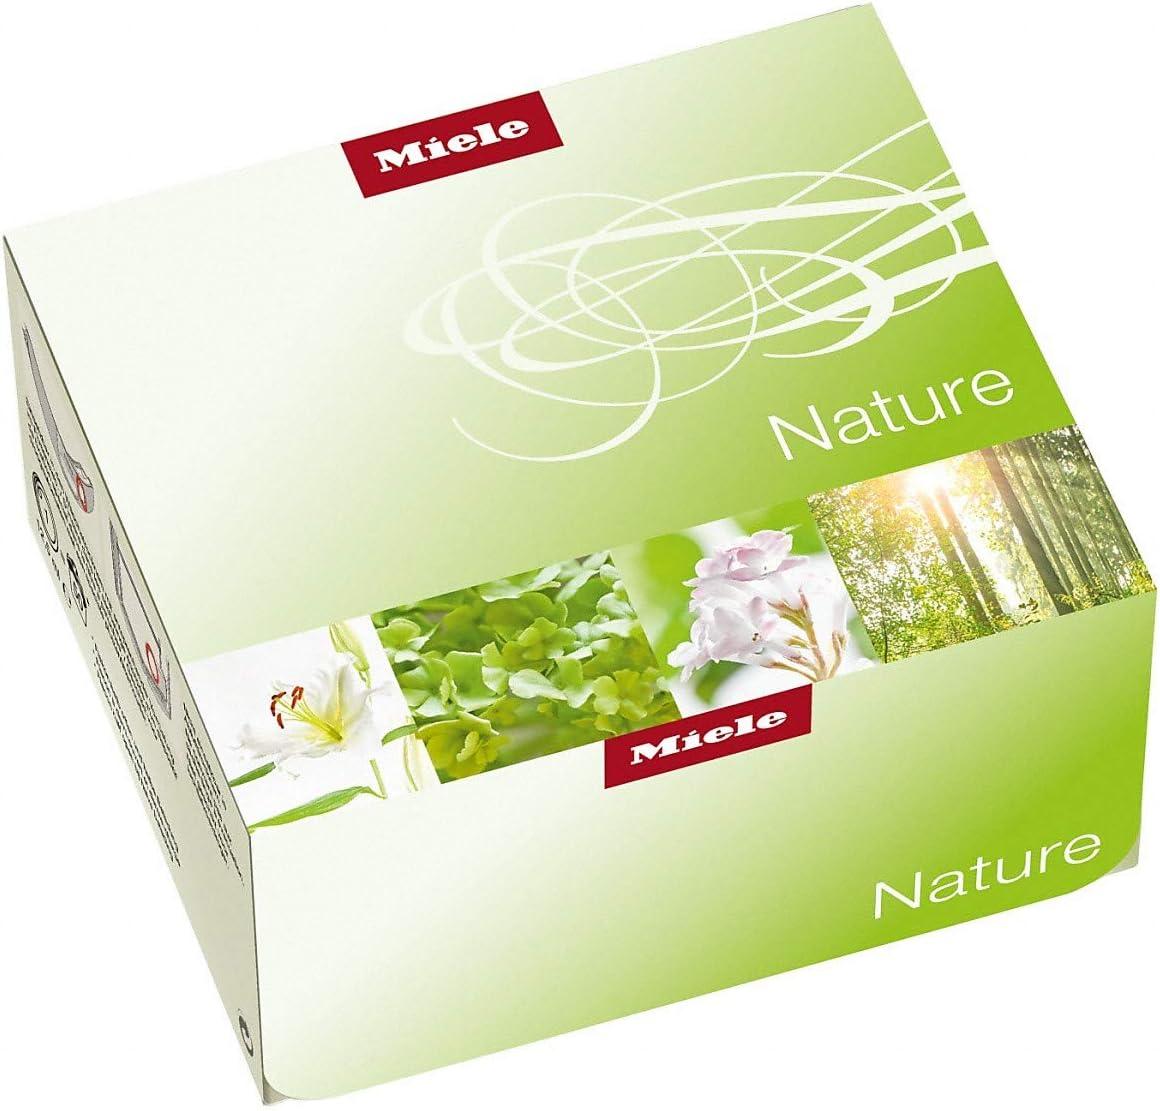 Miele Nature - Ambientador para secadora, 1